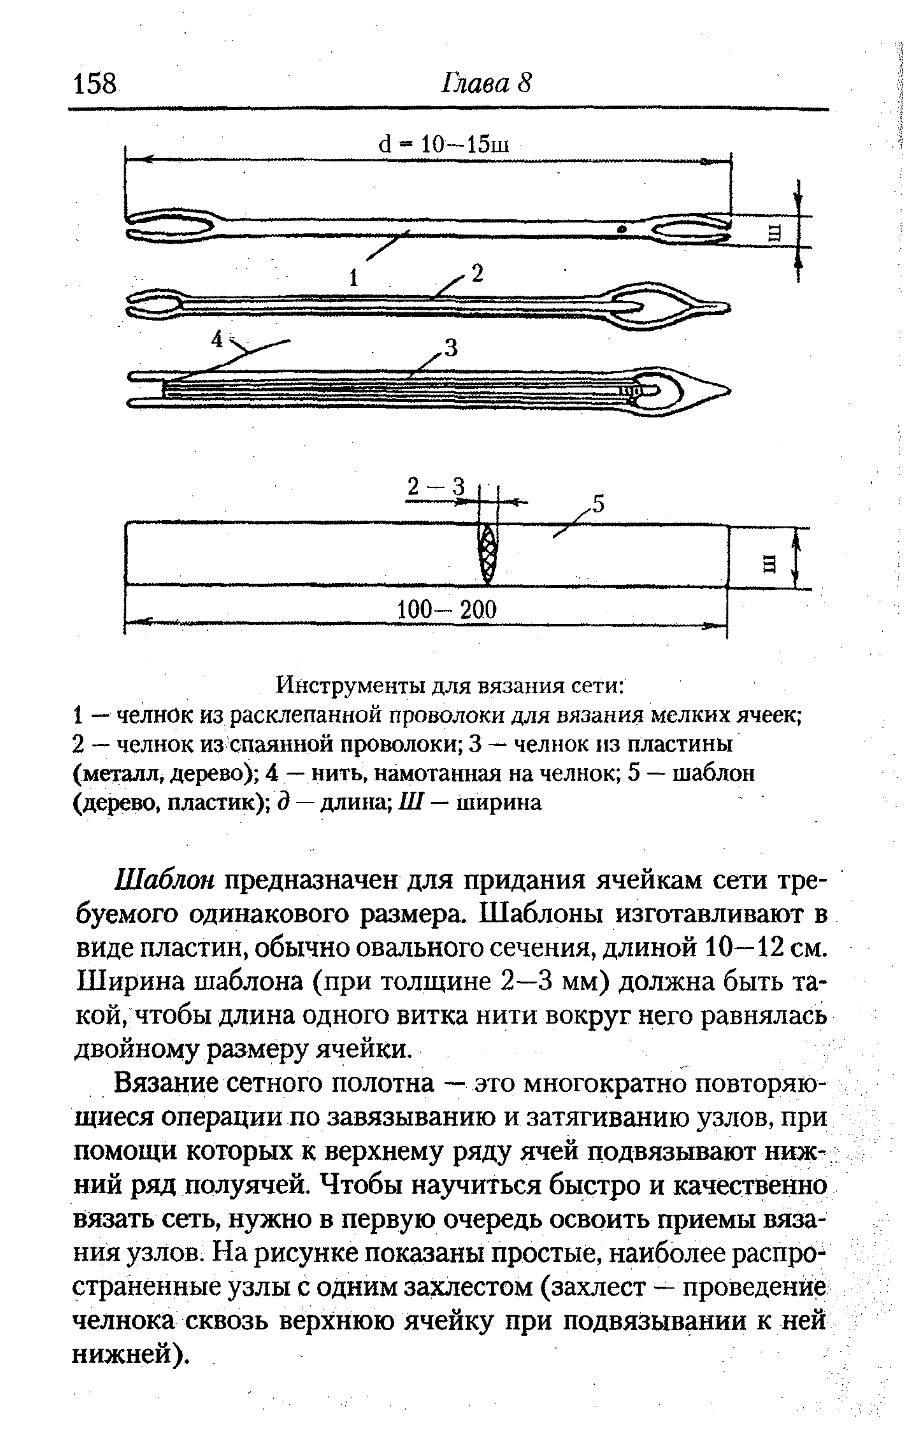 Как изготовить челнок для вязания рыболовных сетей 10